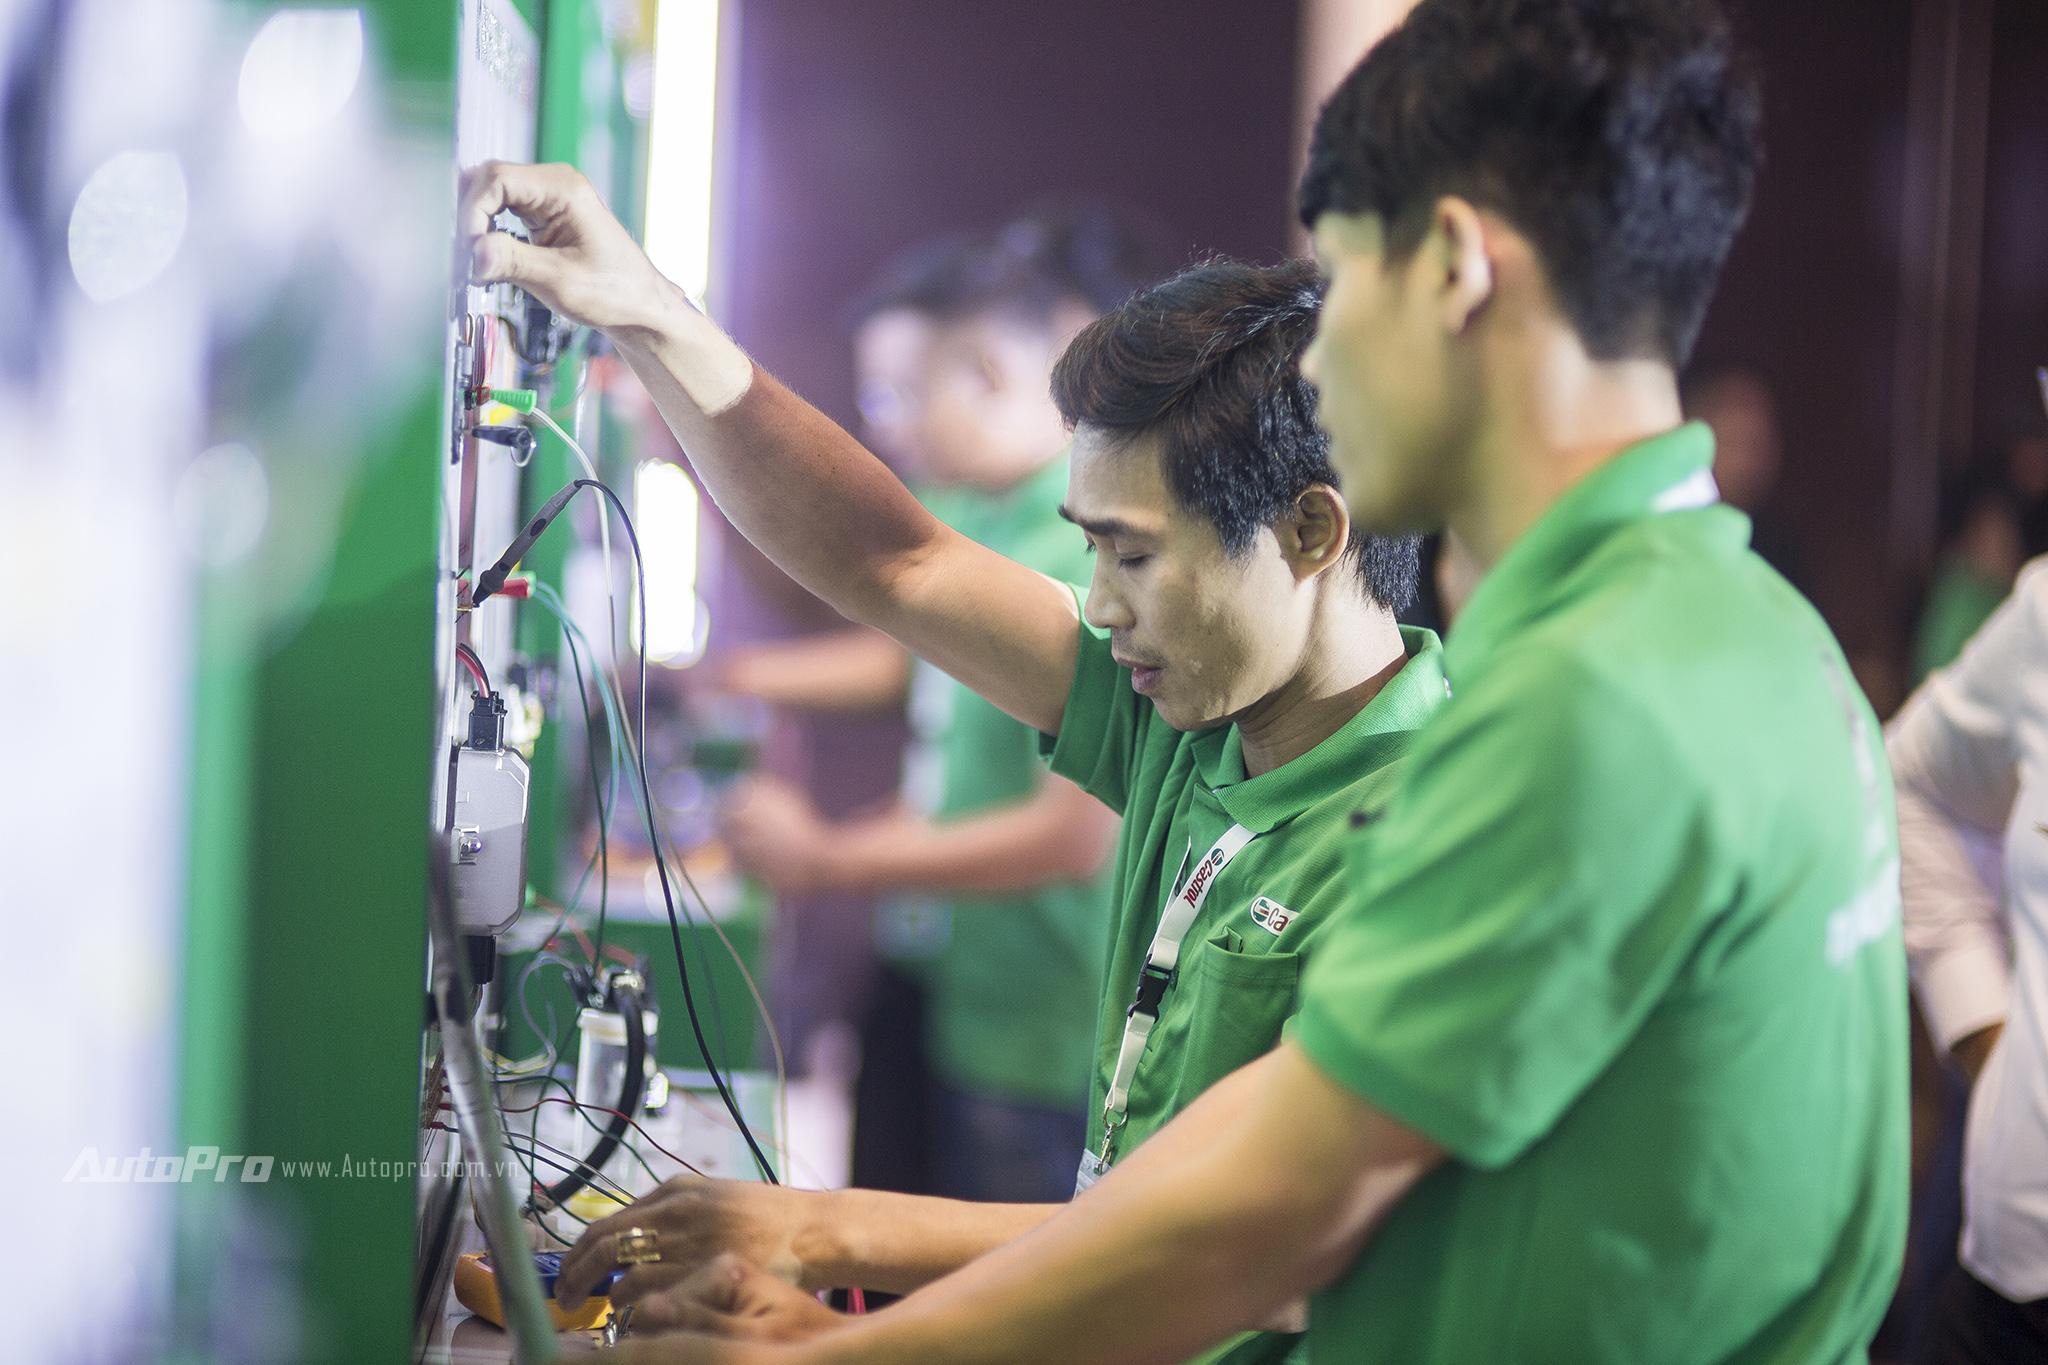 Thợ máy Việt tham gia tranh tài thợ giỏi khu vực Châu Á Thái Bình Dương - Ảnh 3.